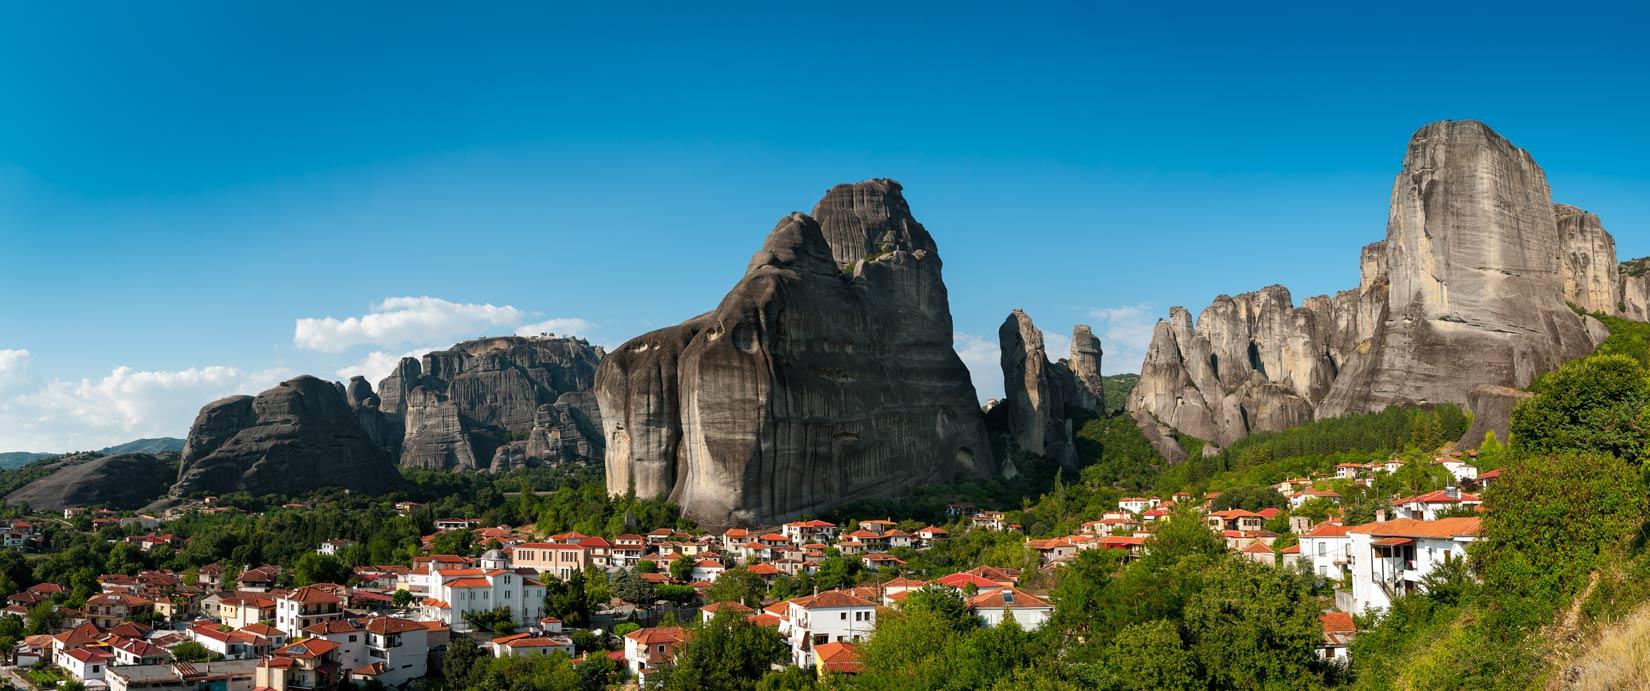 Kastráki - malebná vesnička vklíněná mezi věže Meteory